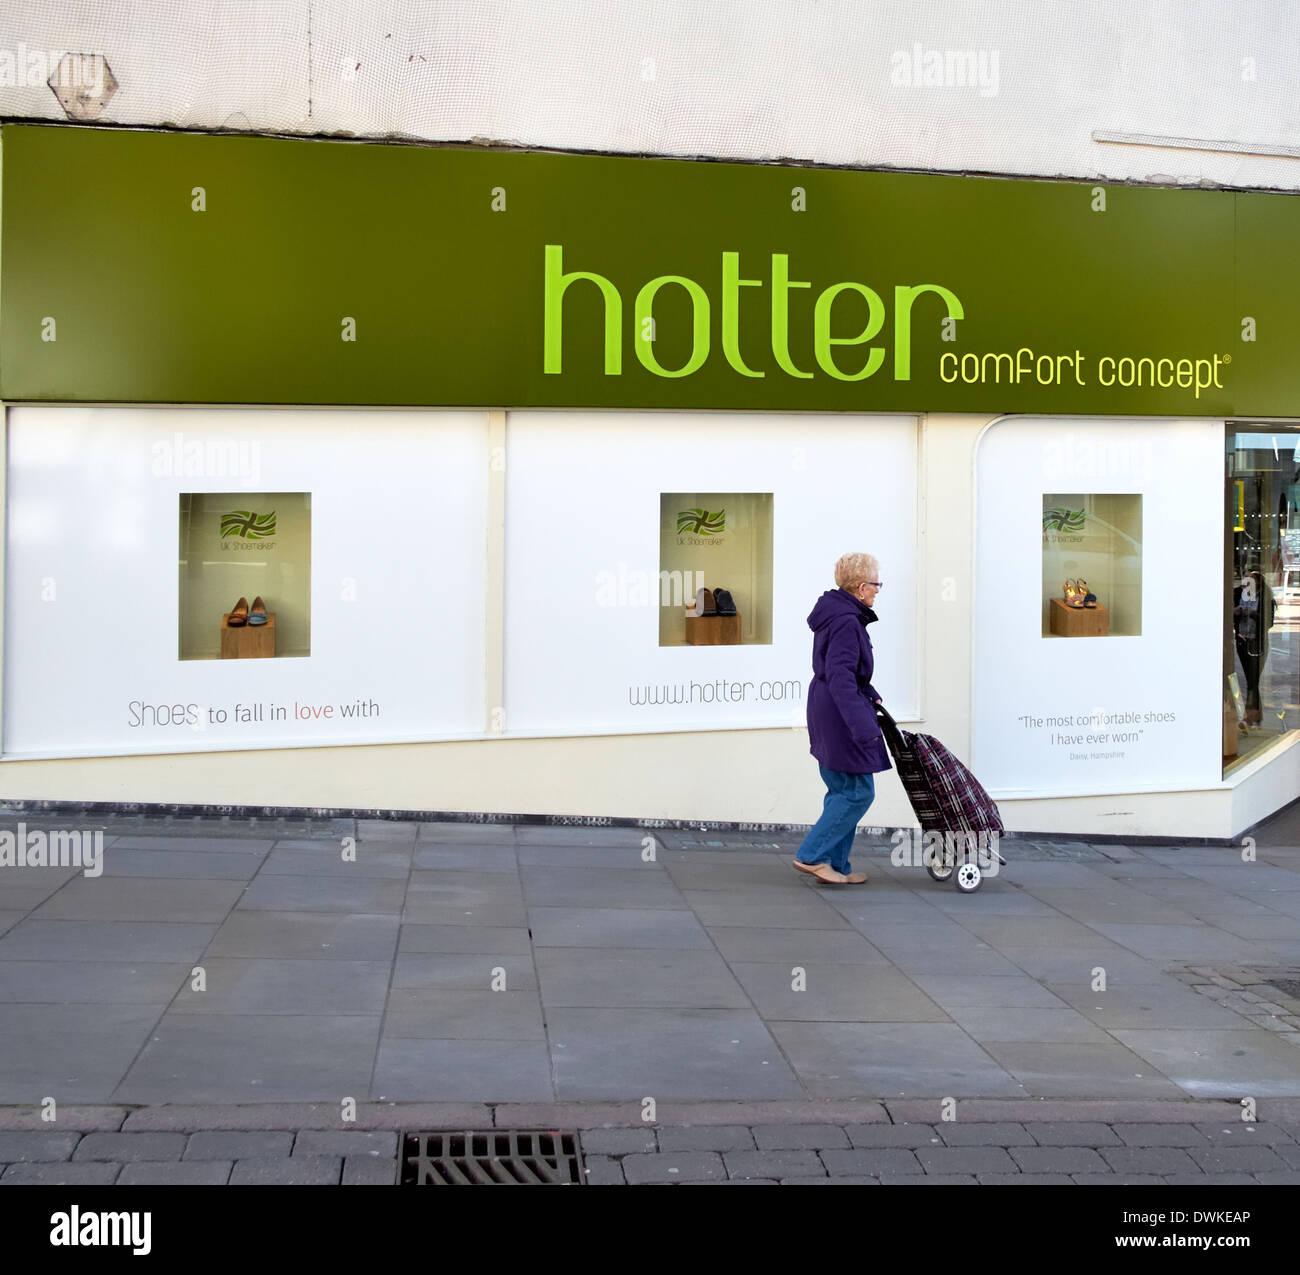 Concepto de confort más caliente la zapata delantera tienda minorista Imagen De Stock